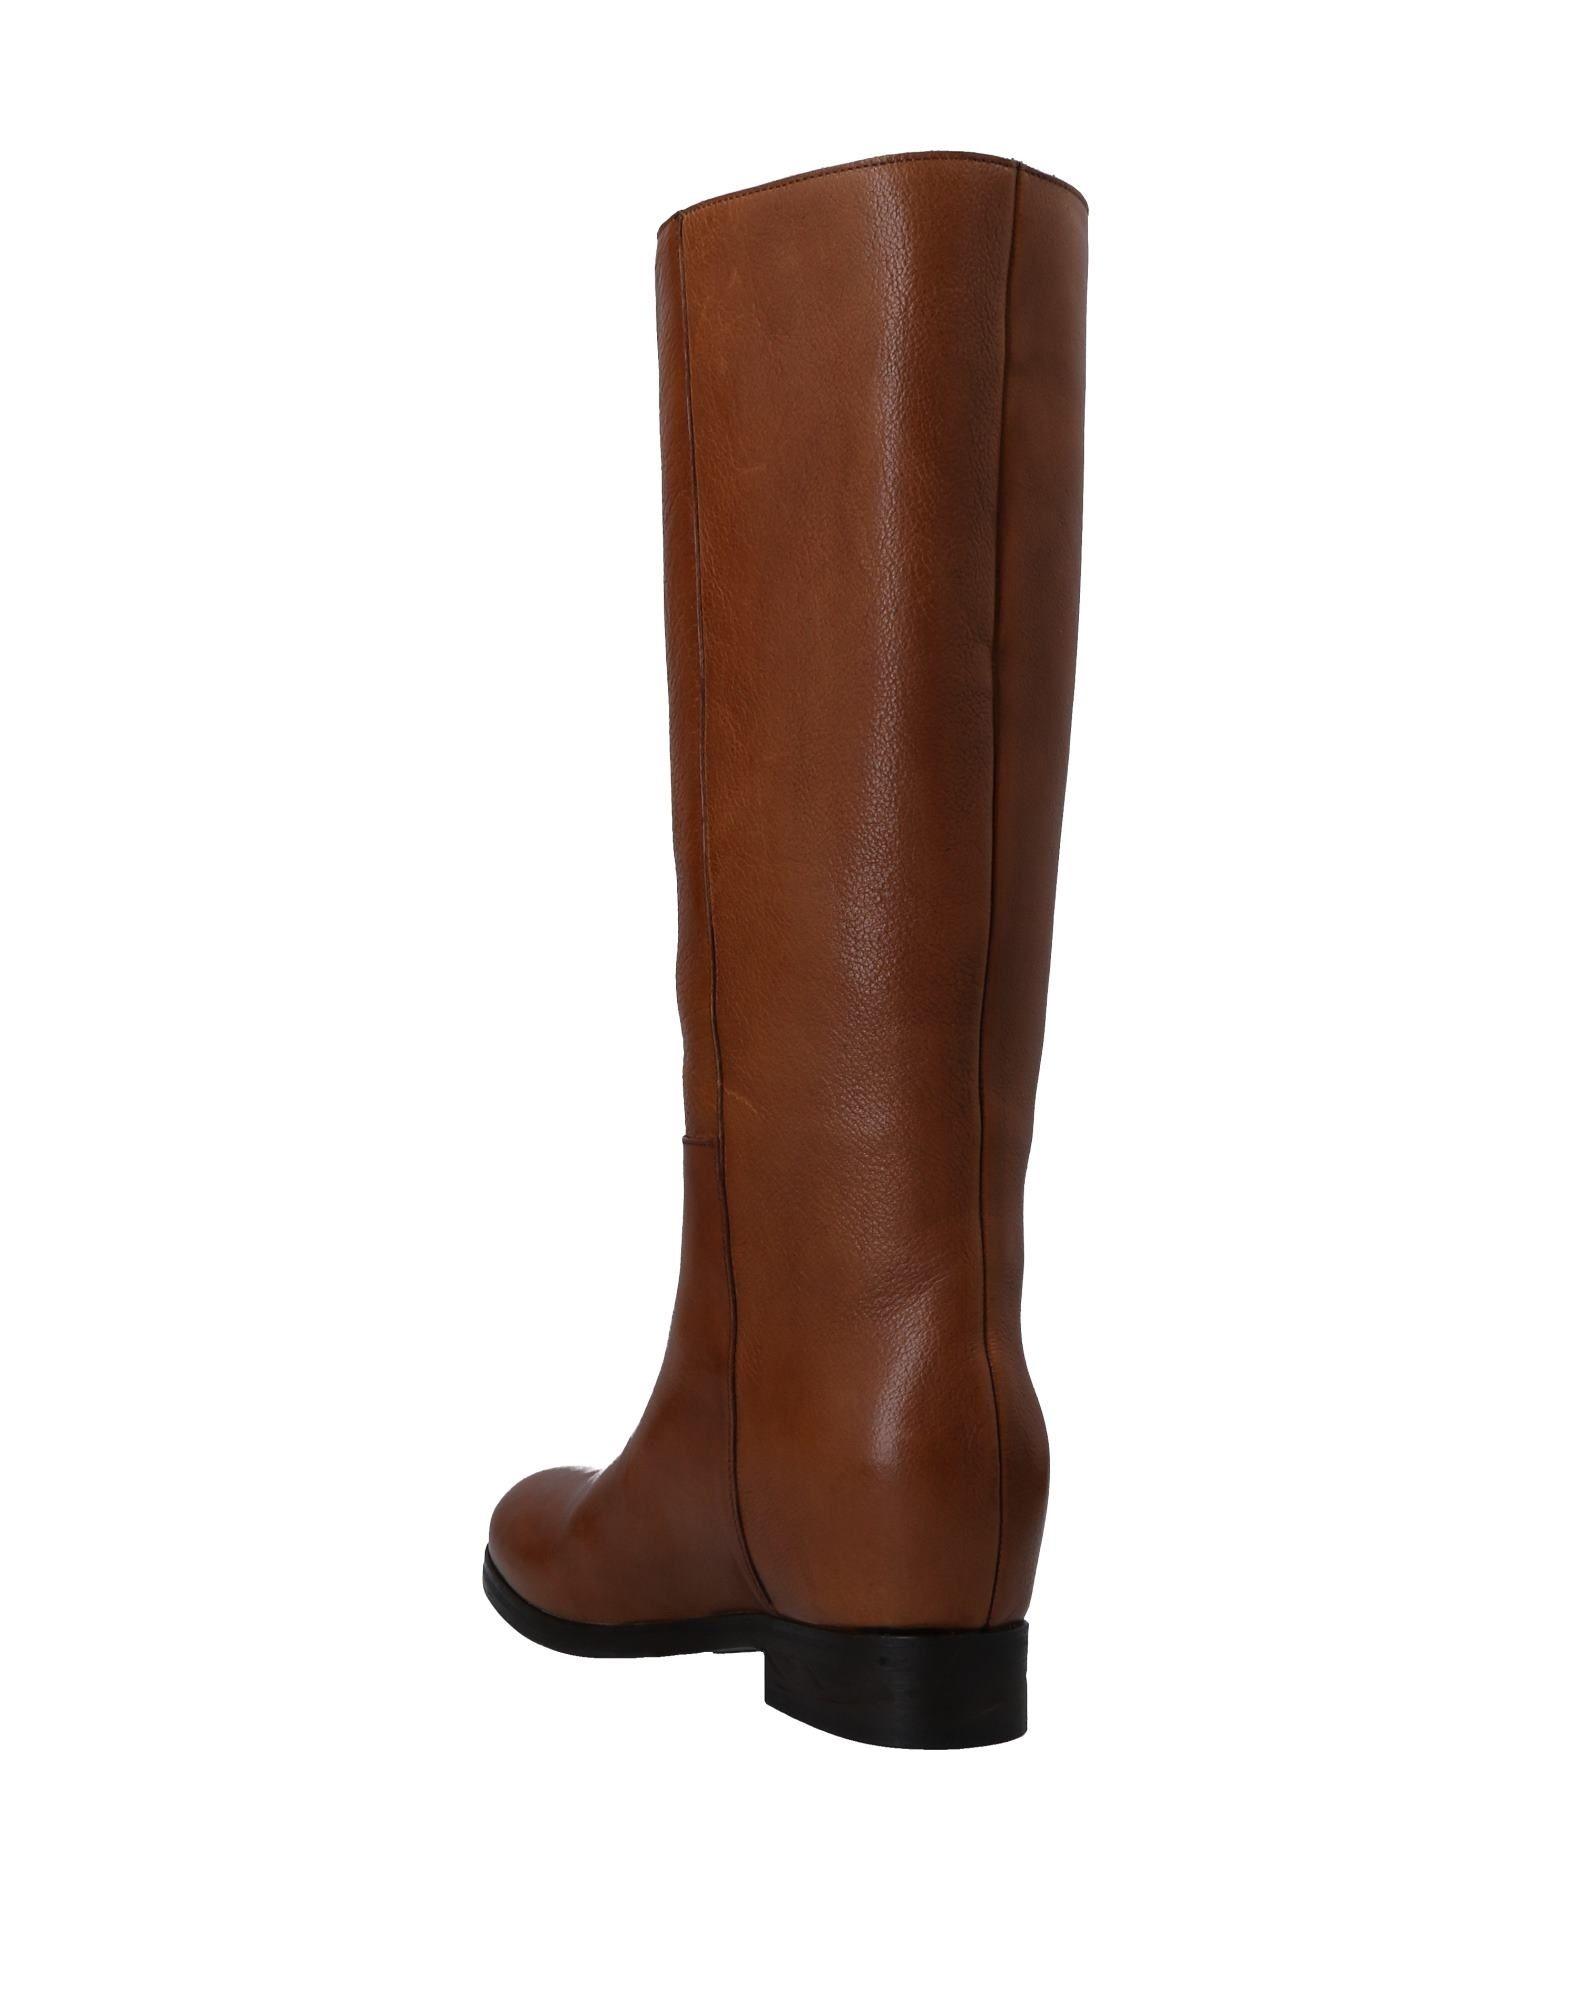 L' Autre Chose Stiefel Damen  11542971CEGut aussehende aussehende aussehende strapazierfähige Schuhe 7e204a